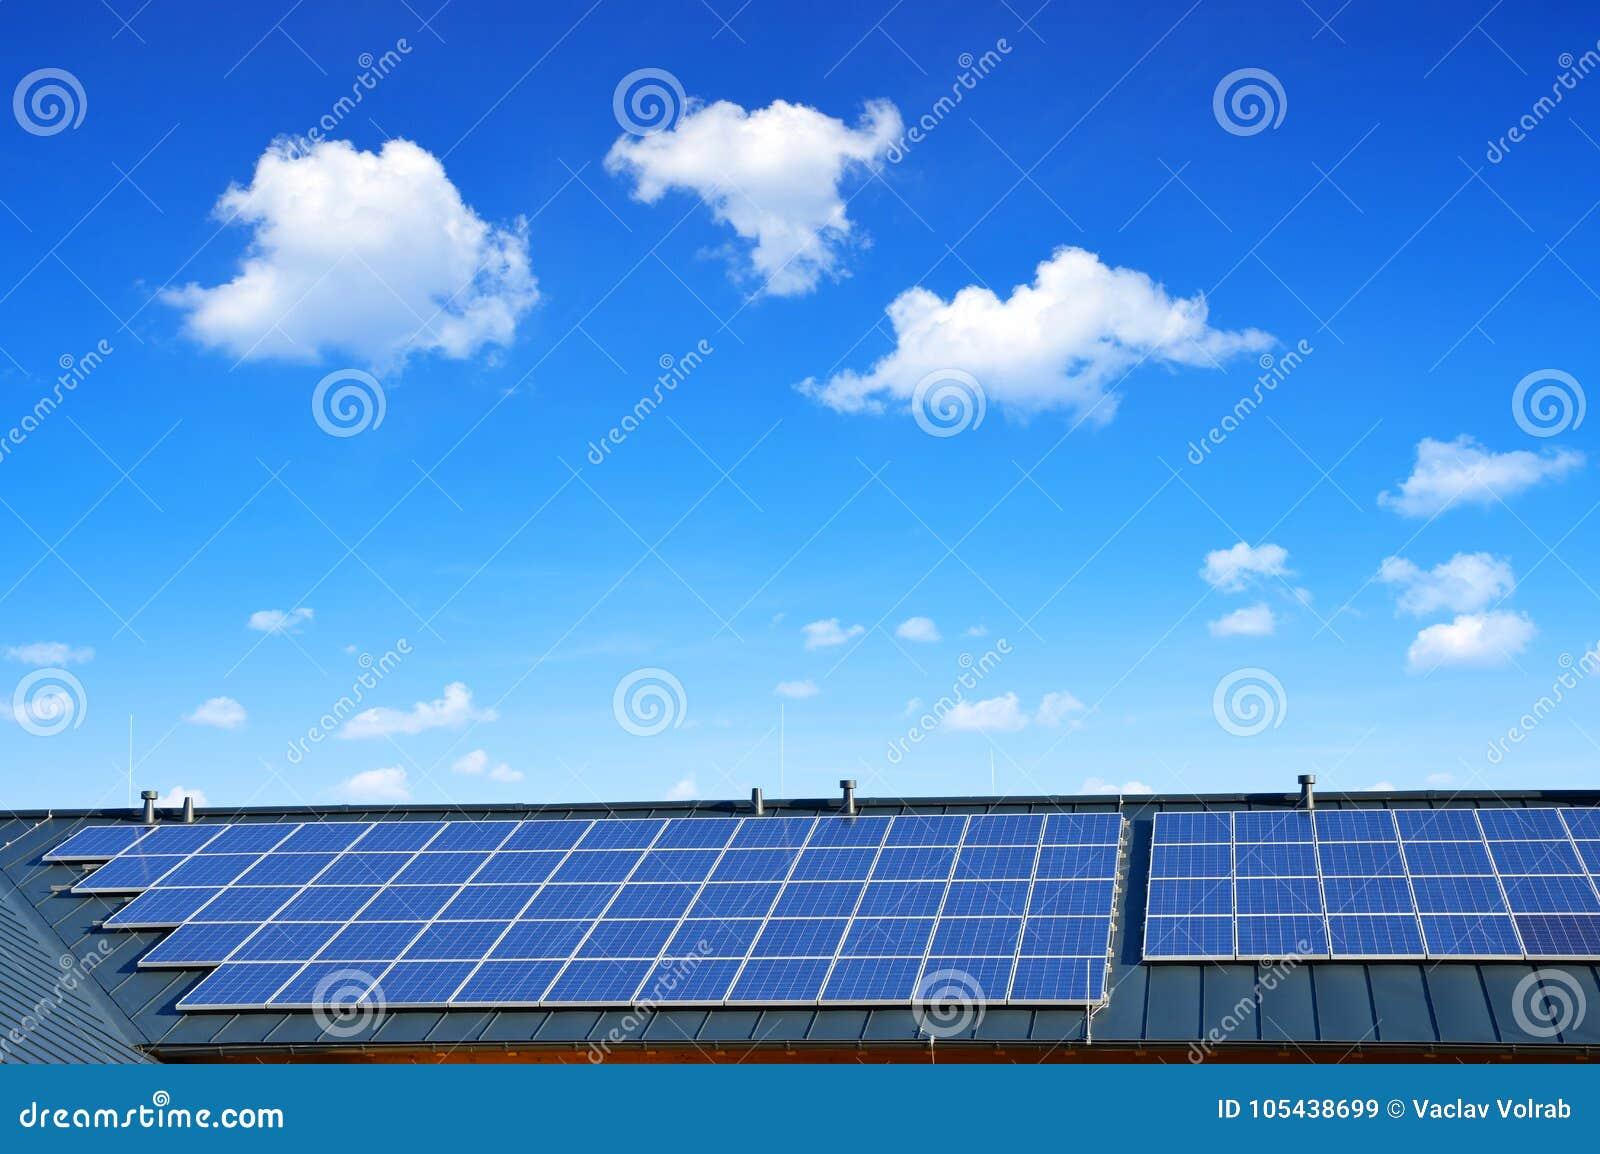 在房子的屋顶的太阳能盘区背景蓝天的